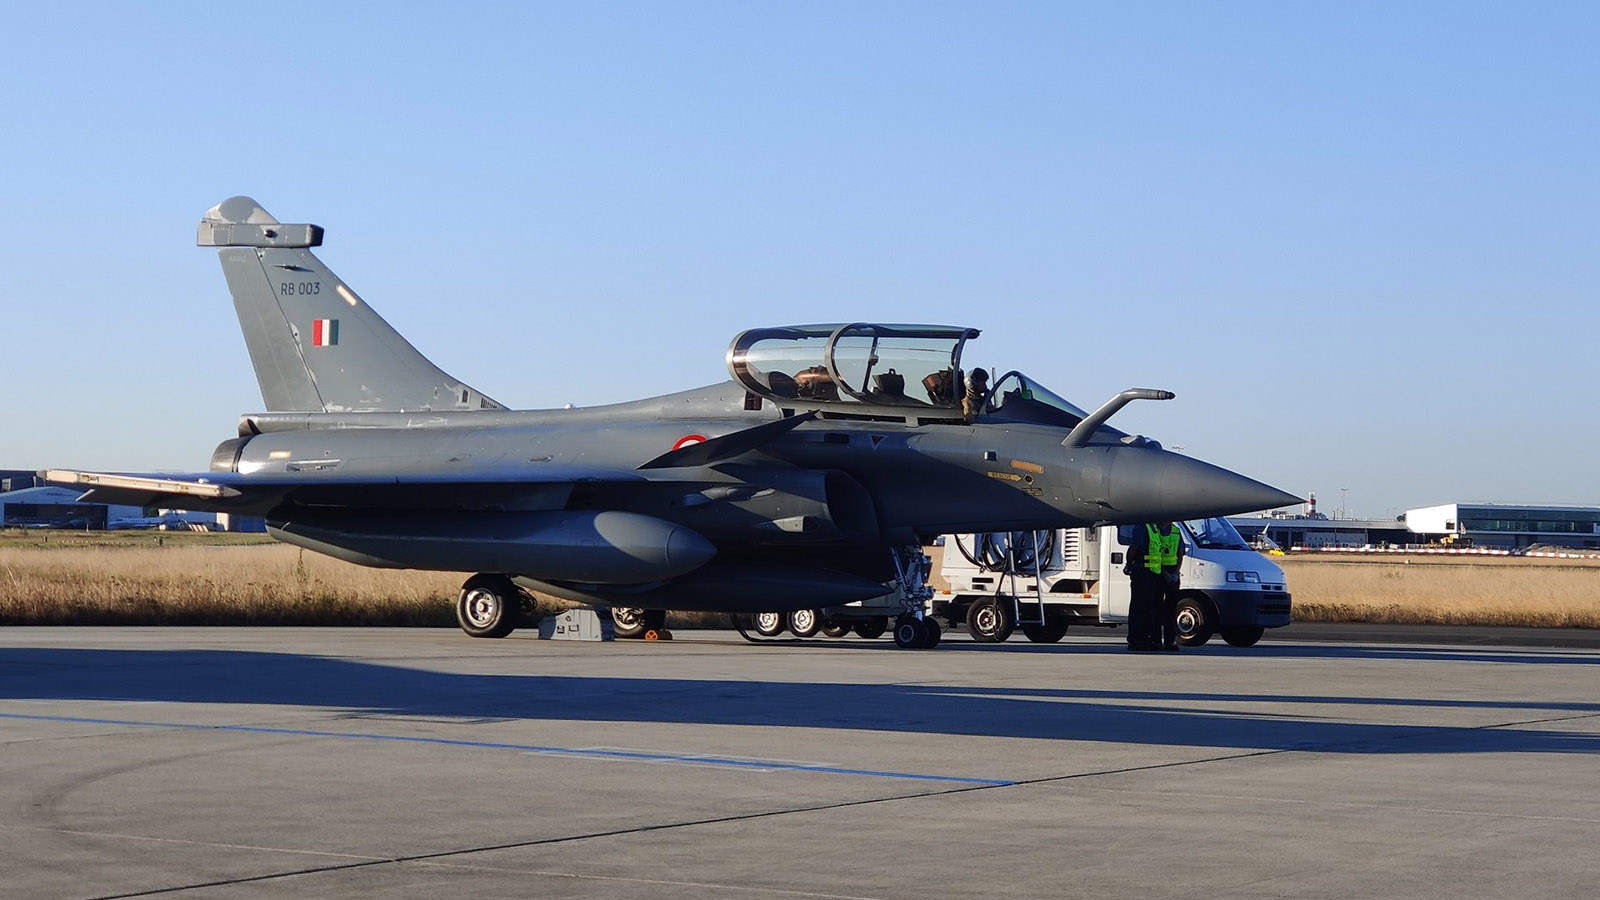 IAF-Rafale-RB-003 ---.jpg